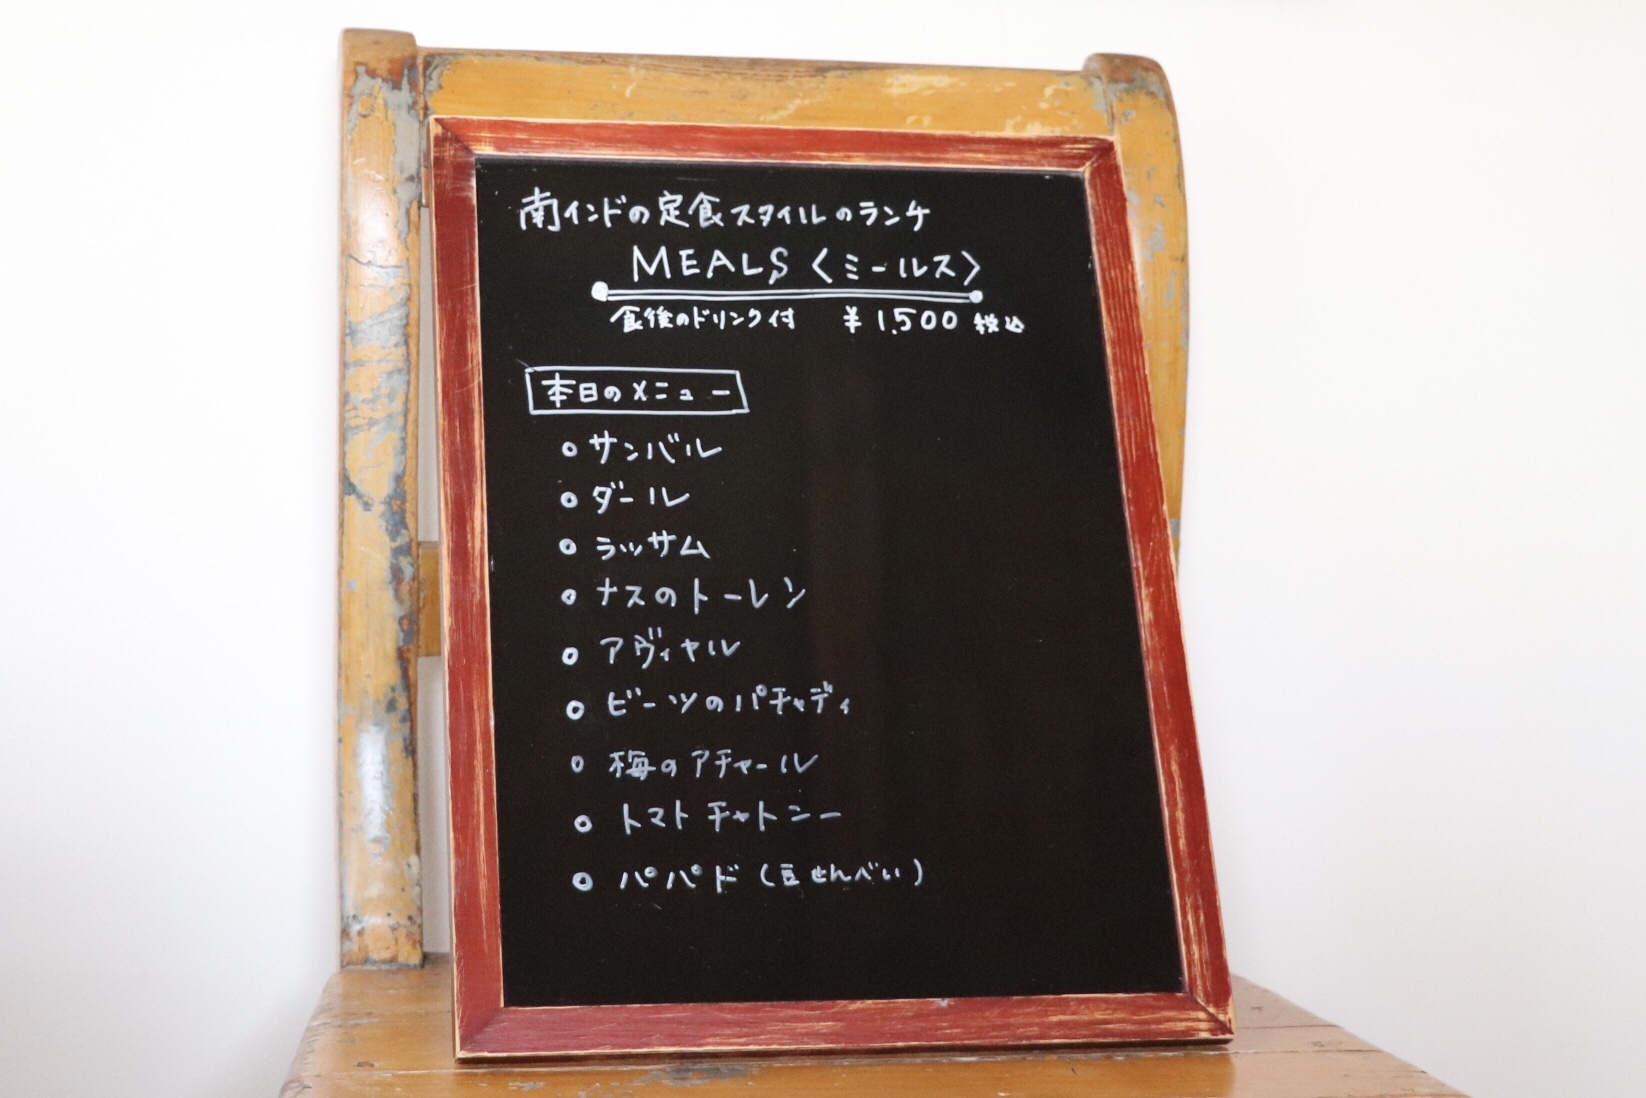 長野の南インド料理モンマルシメの今日のミールス内容